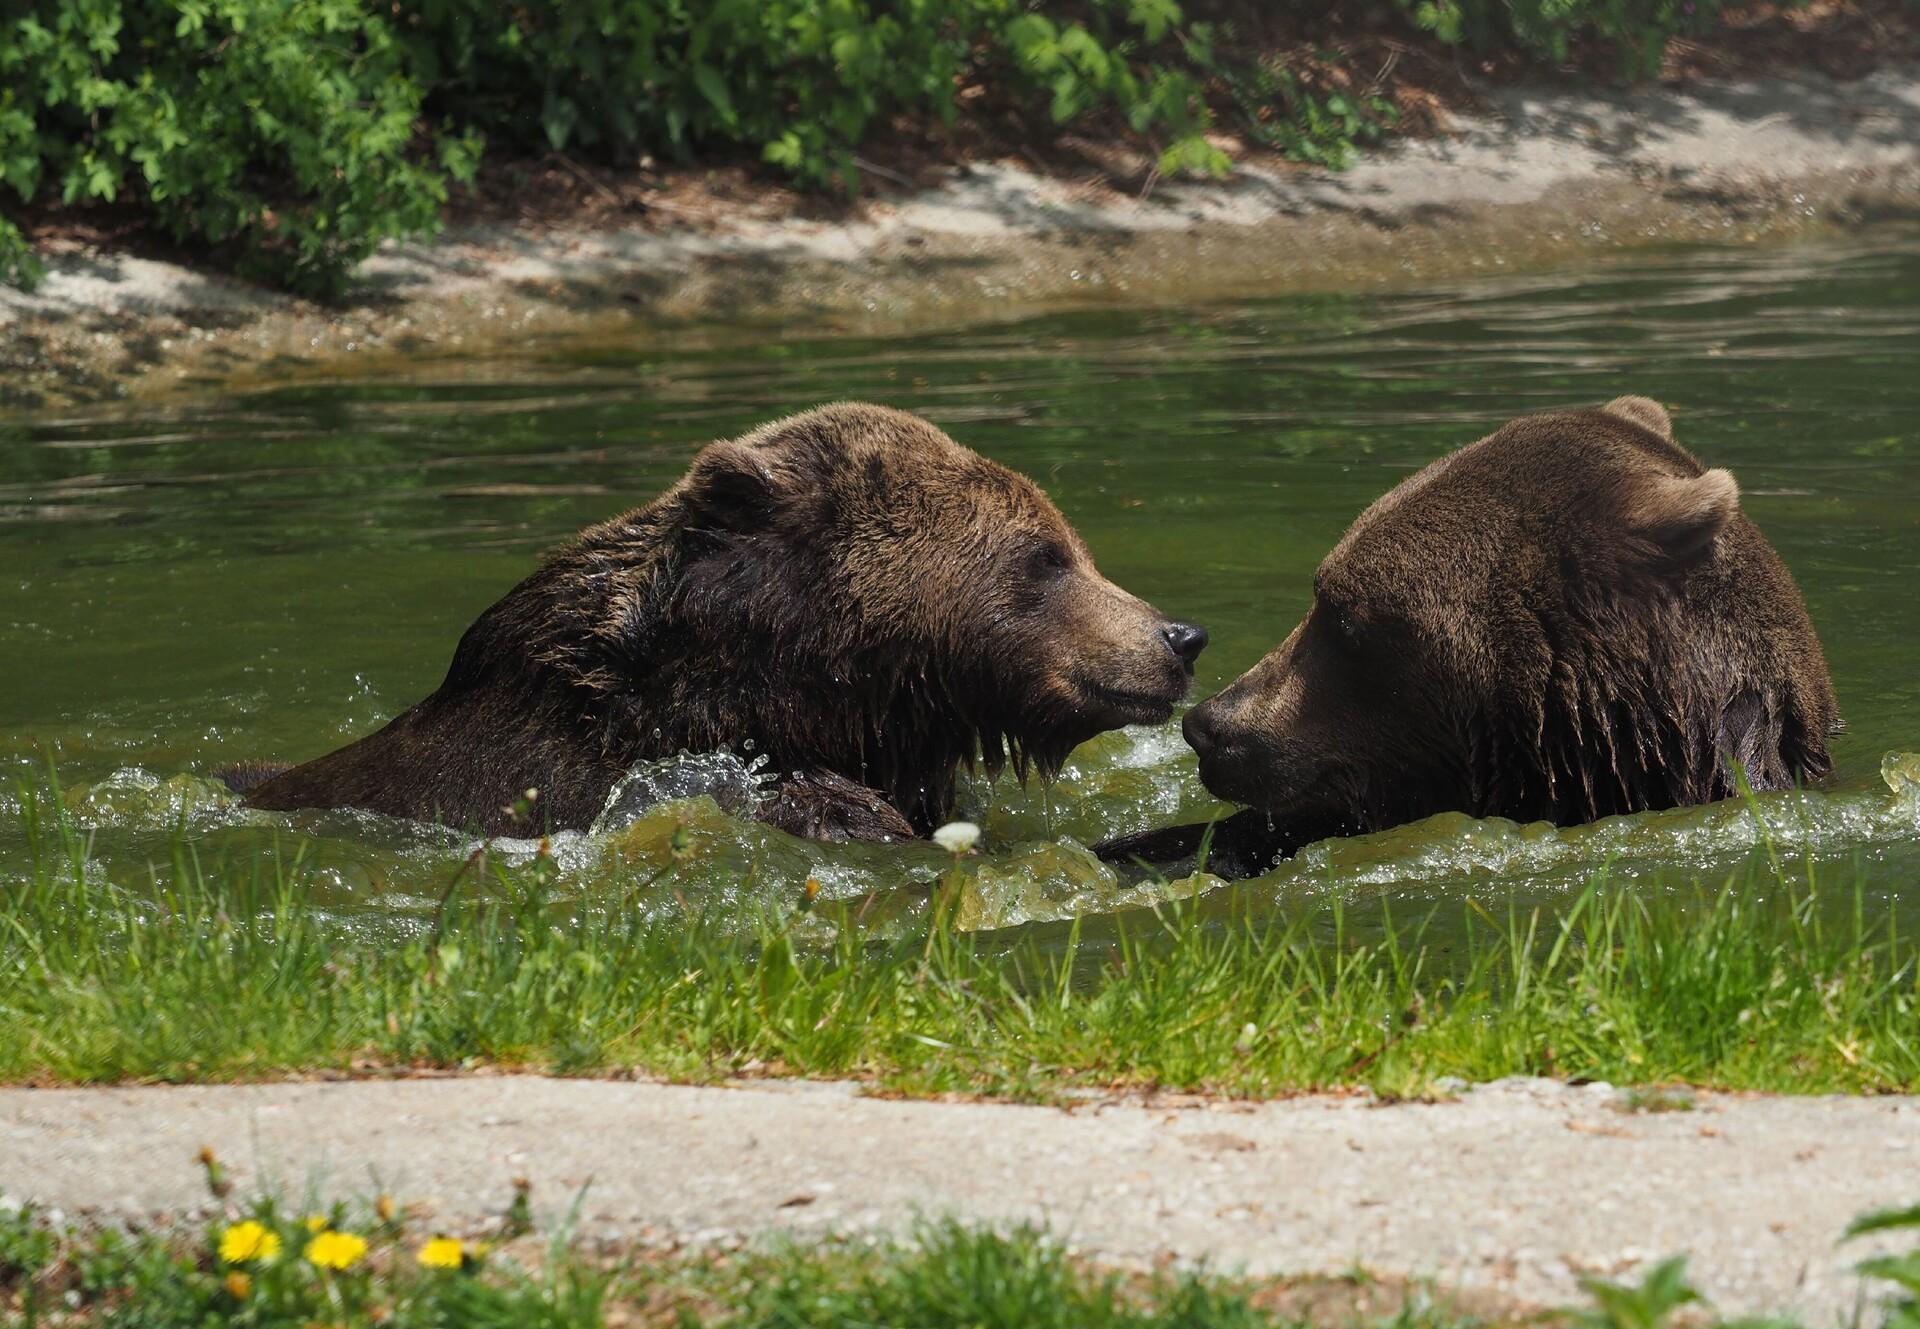 Gemeinsam im Wasser abhängen - das können Bär Erich und Emma im BÄRENWALD Arbesbach.